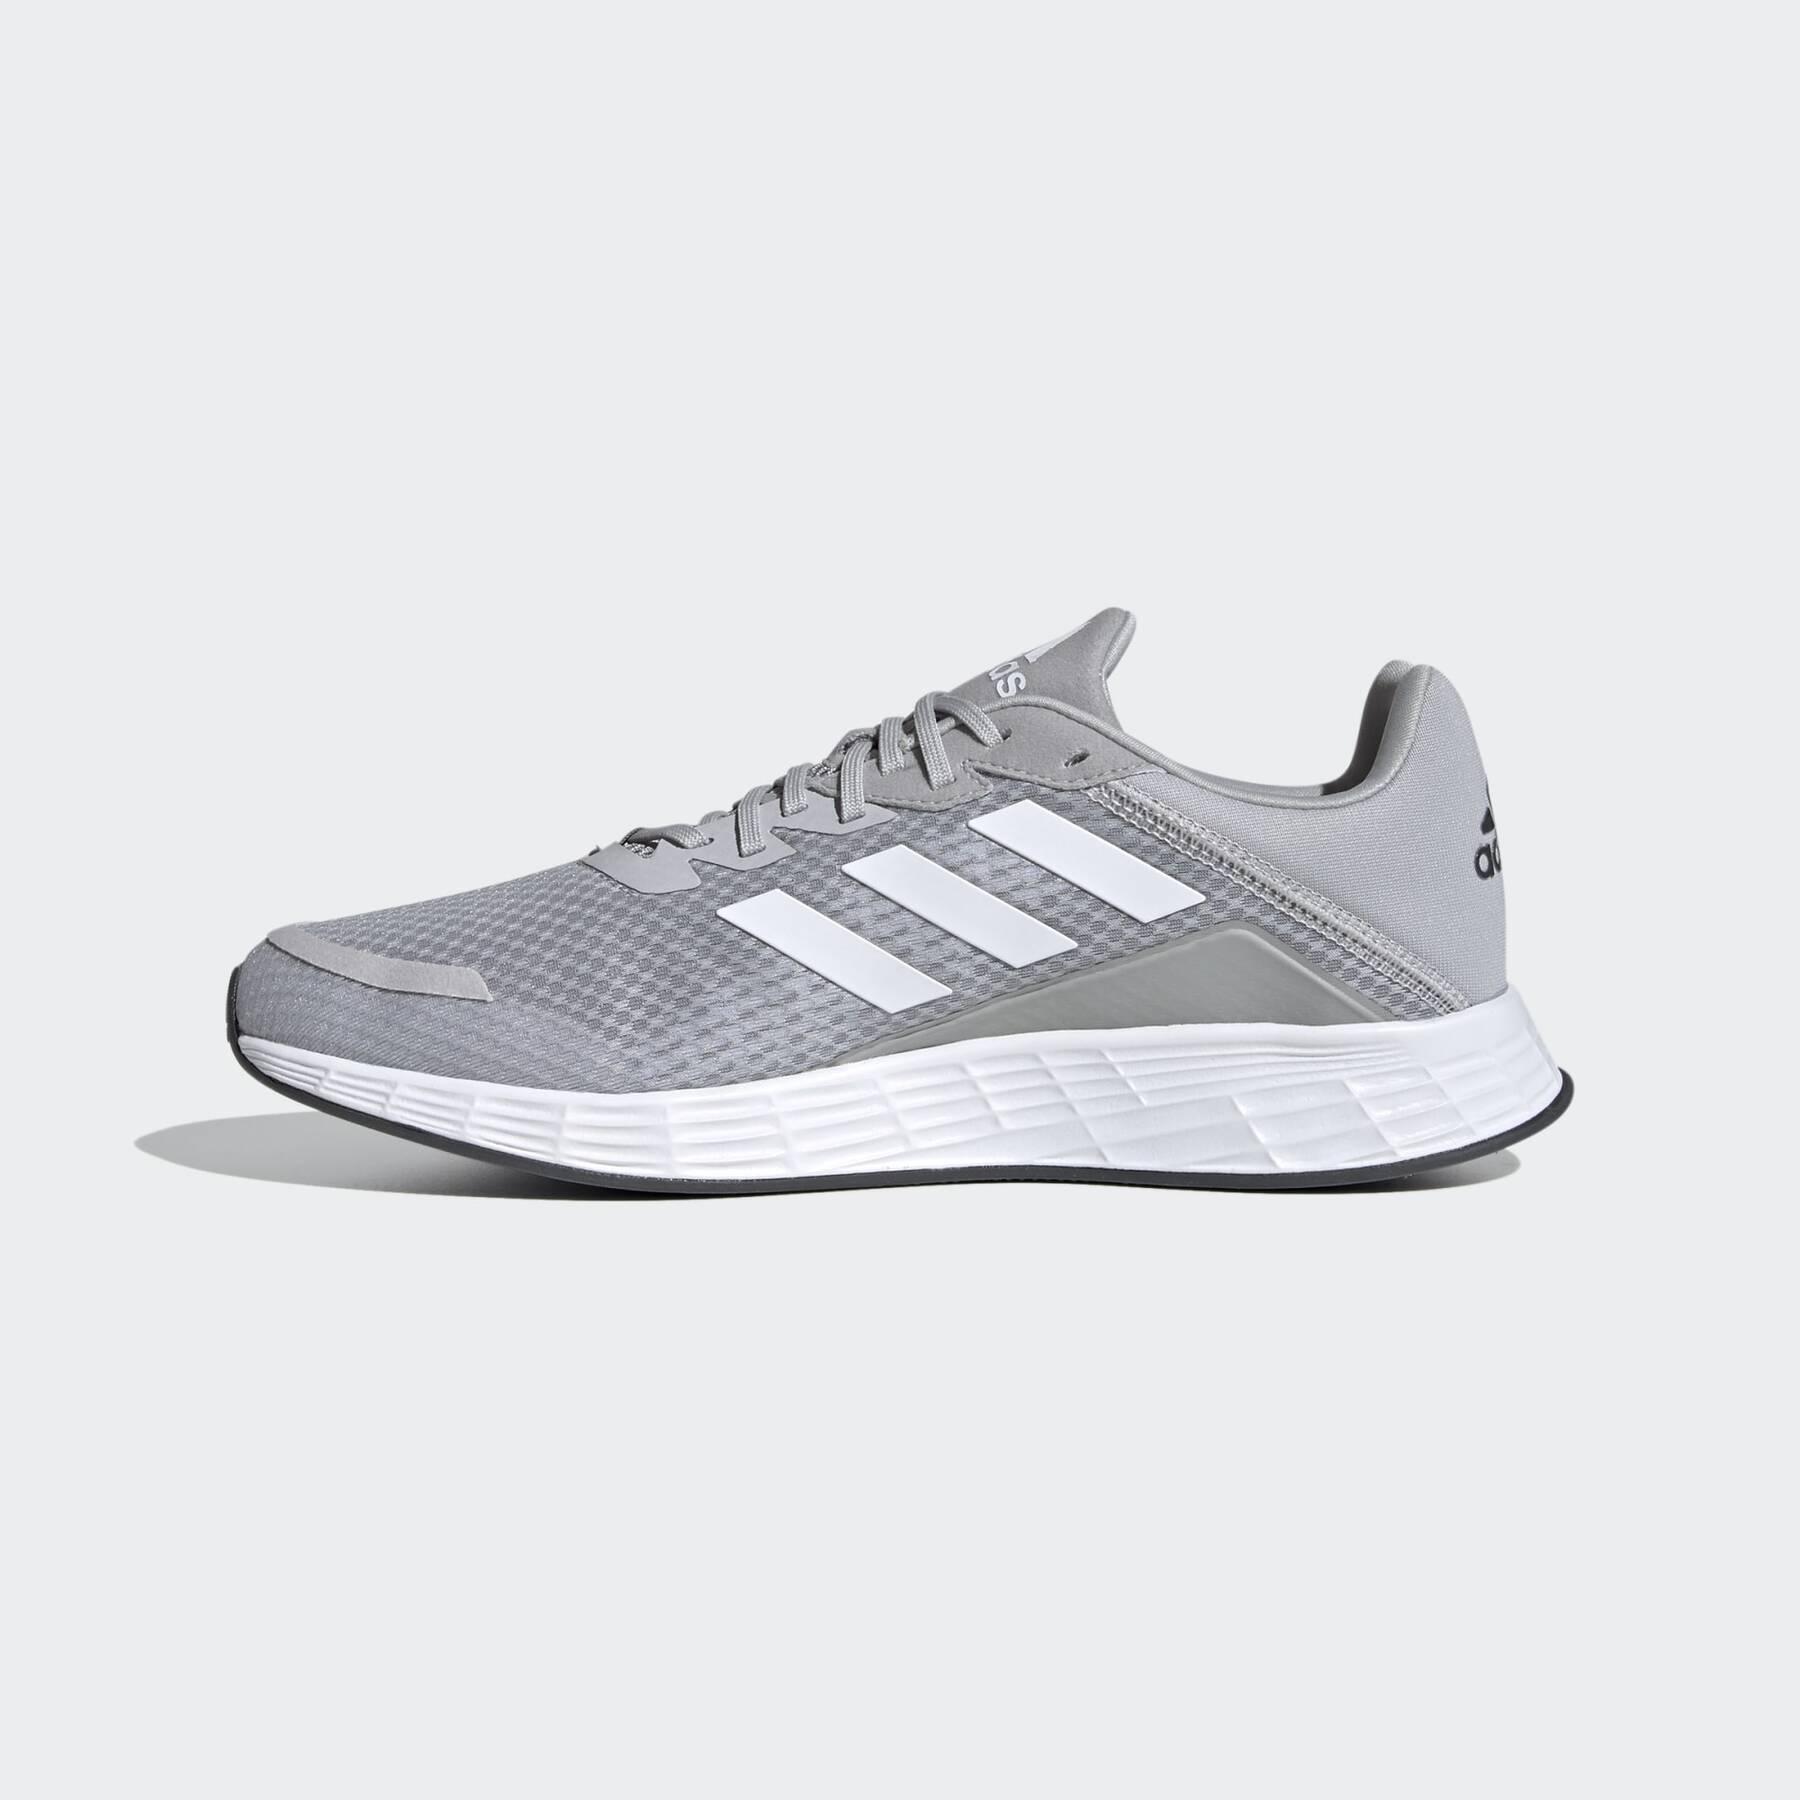 Duramo SL Erkek Gri Koşu Ayakkabısı (FW8677)